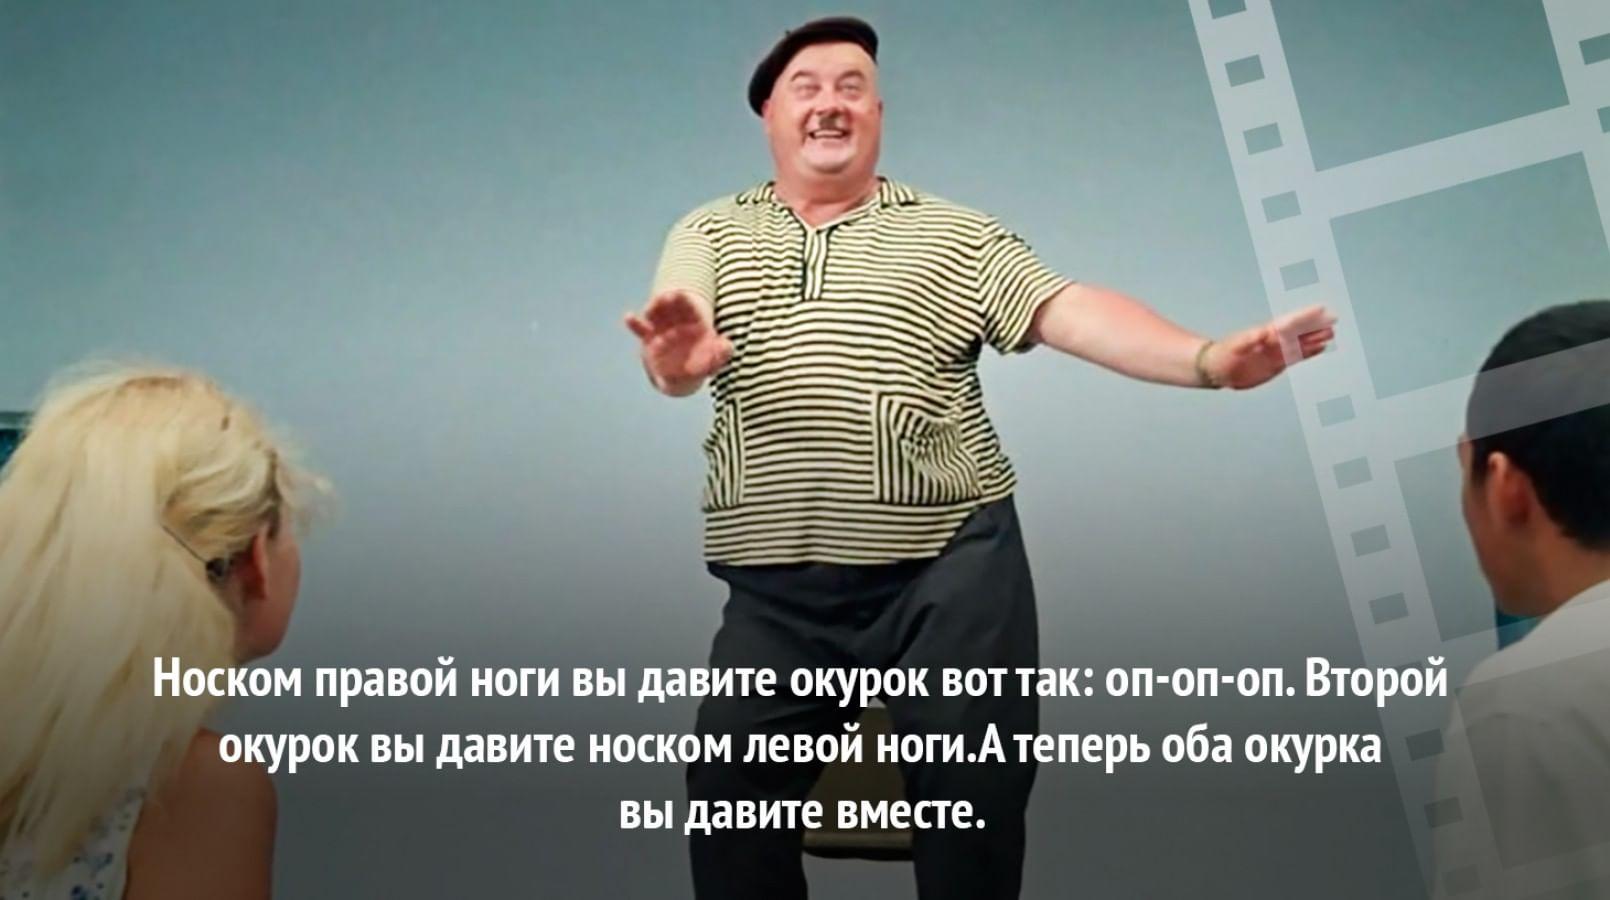 Танцевать, как герой Евгения Моргунова в фильме «Кавказская пленница».